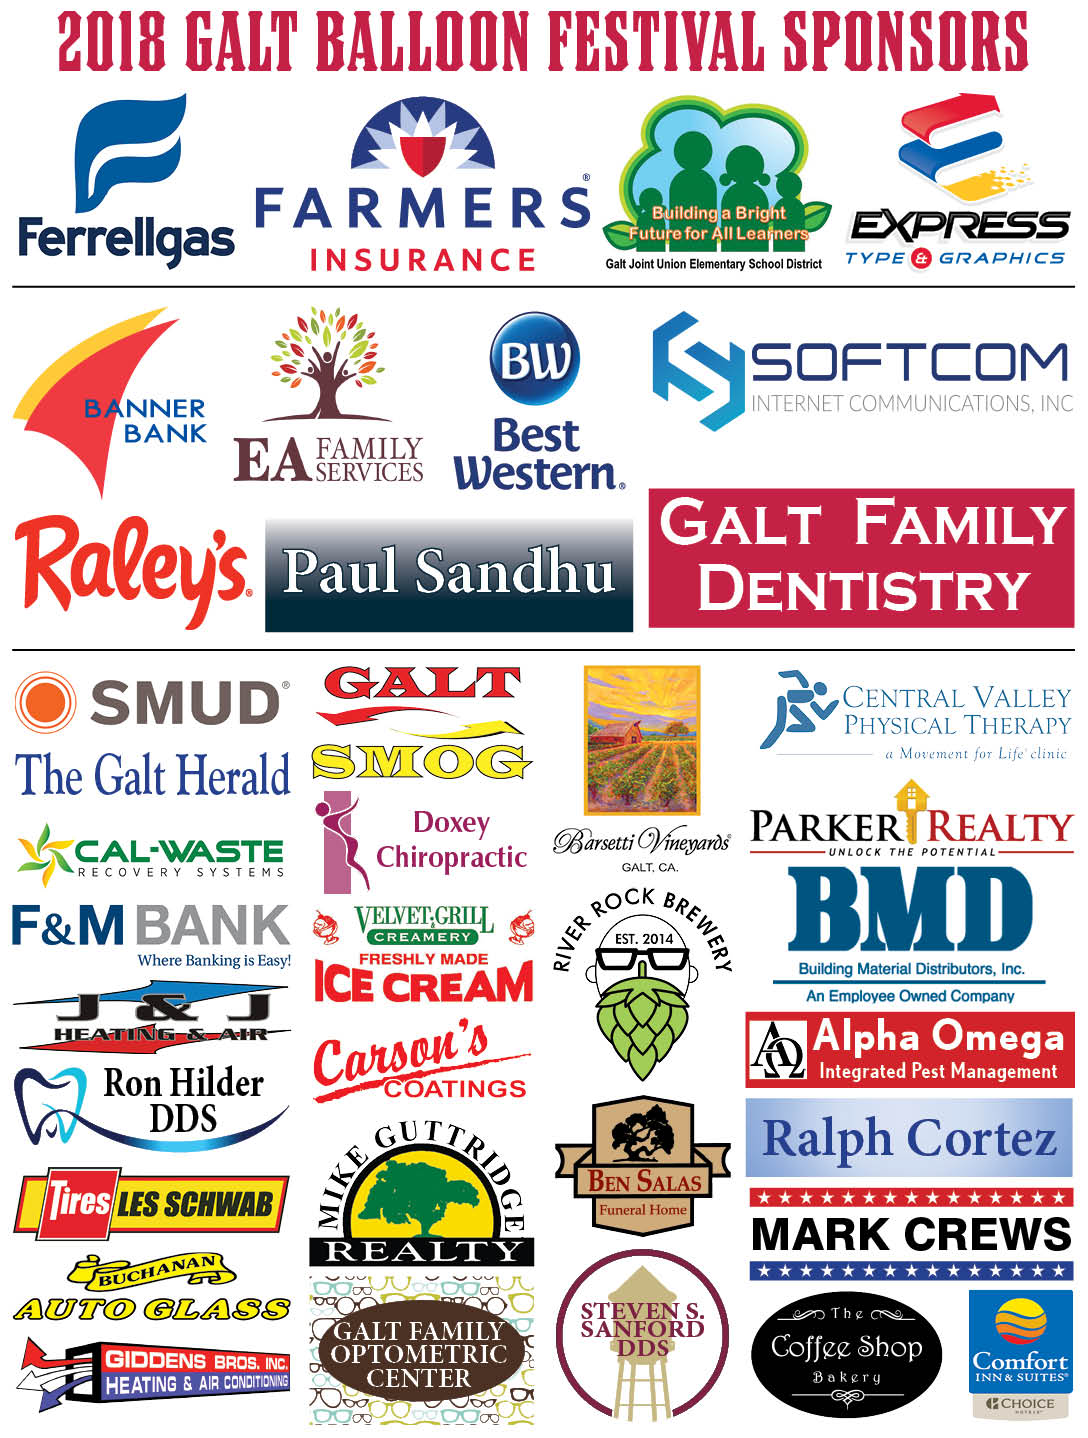 2018 Galt Balloon Festival Sponsors